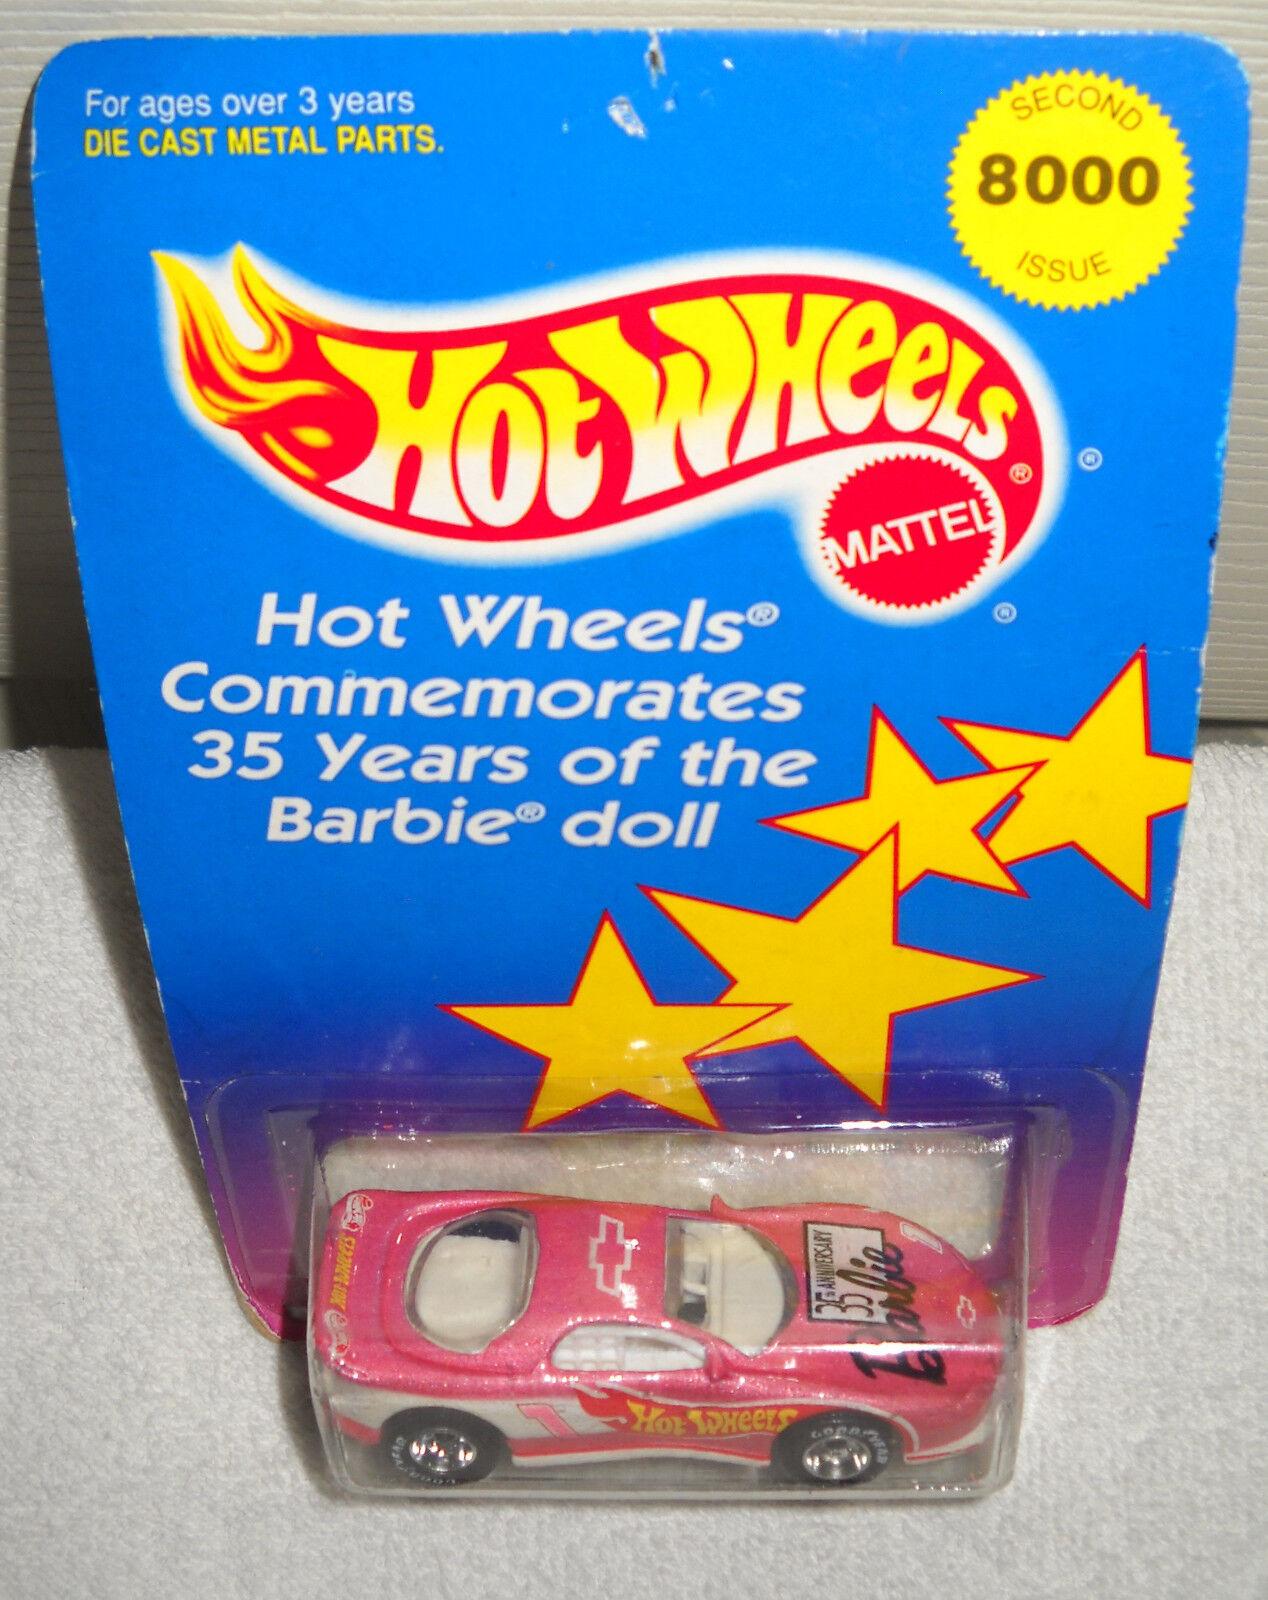 Nrfc Hot Wheels 1994 35th aniversario Barbie CAMARO coche